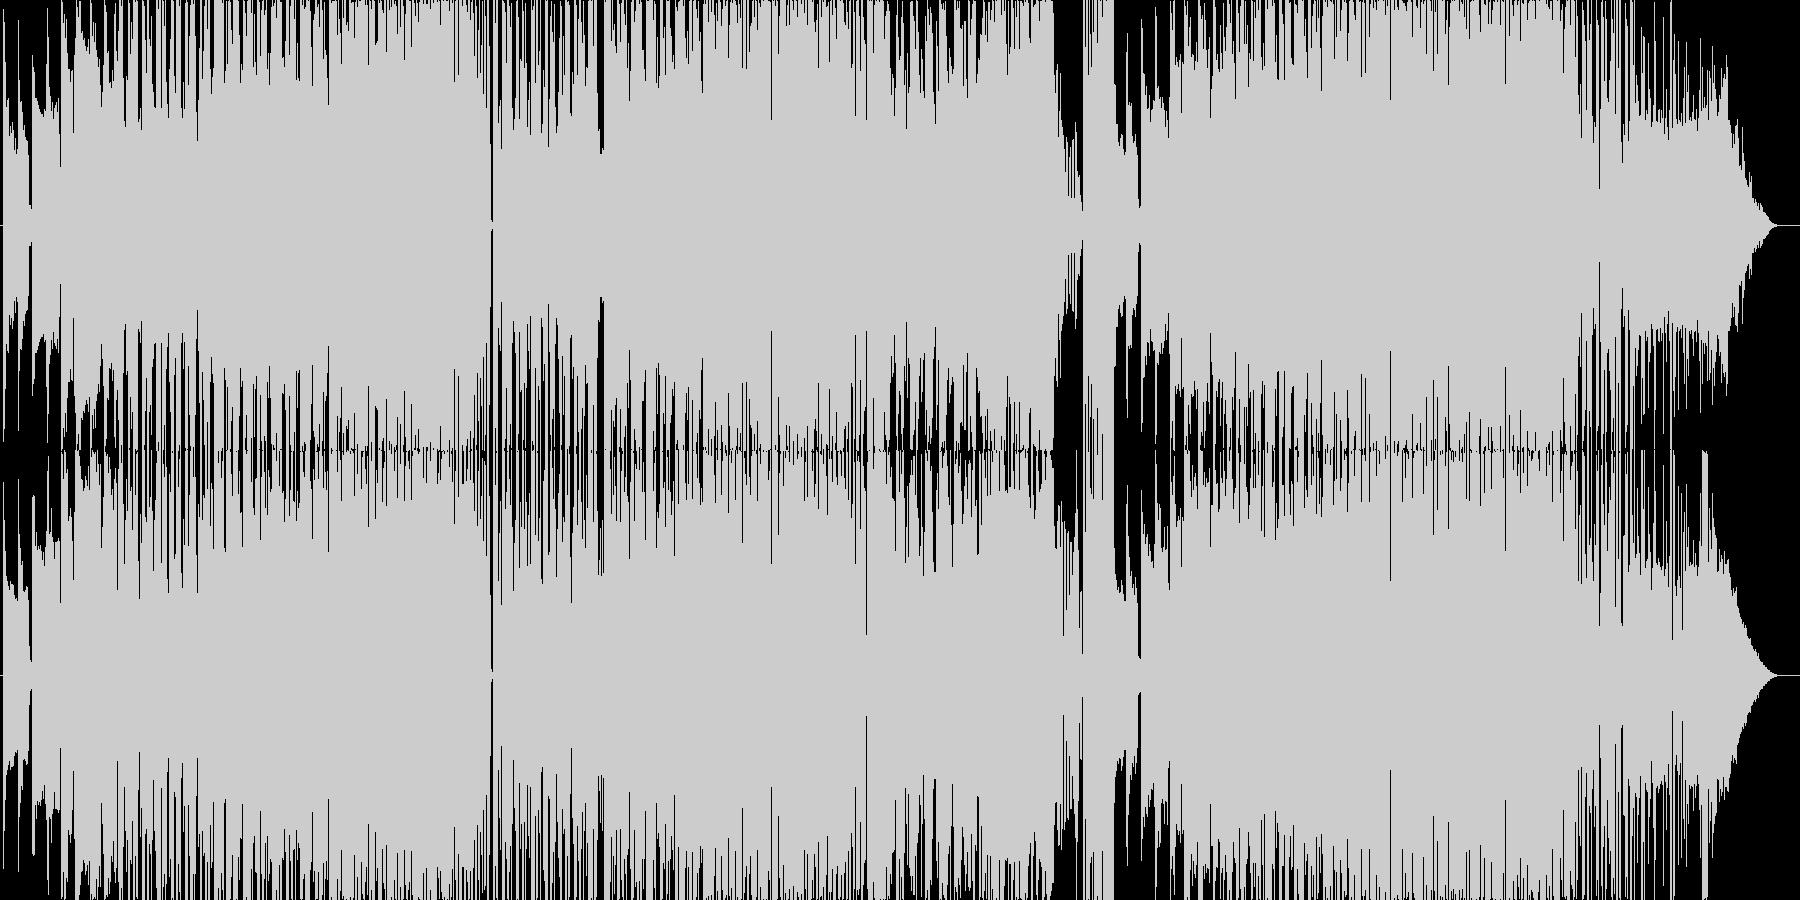 天気予報などのBGMに最適なエレクトロ…の未再生の波形